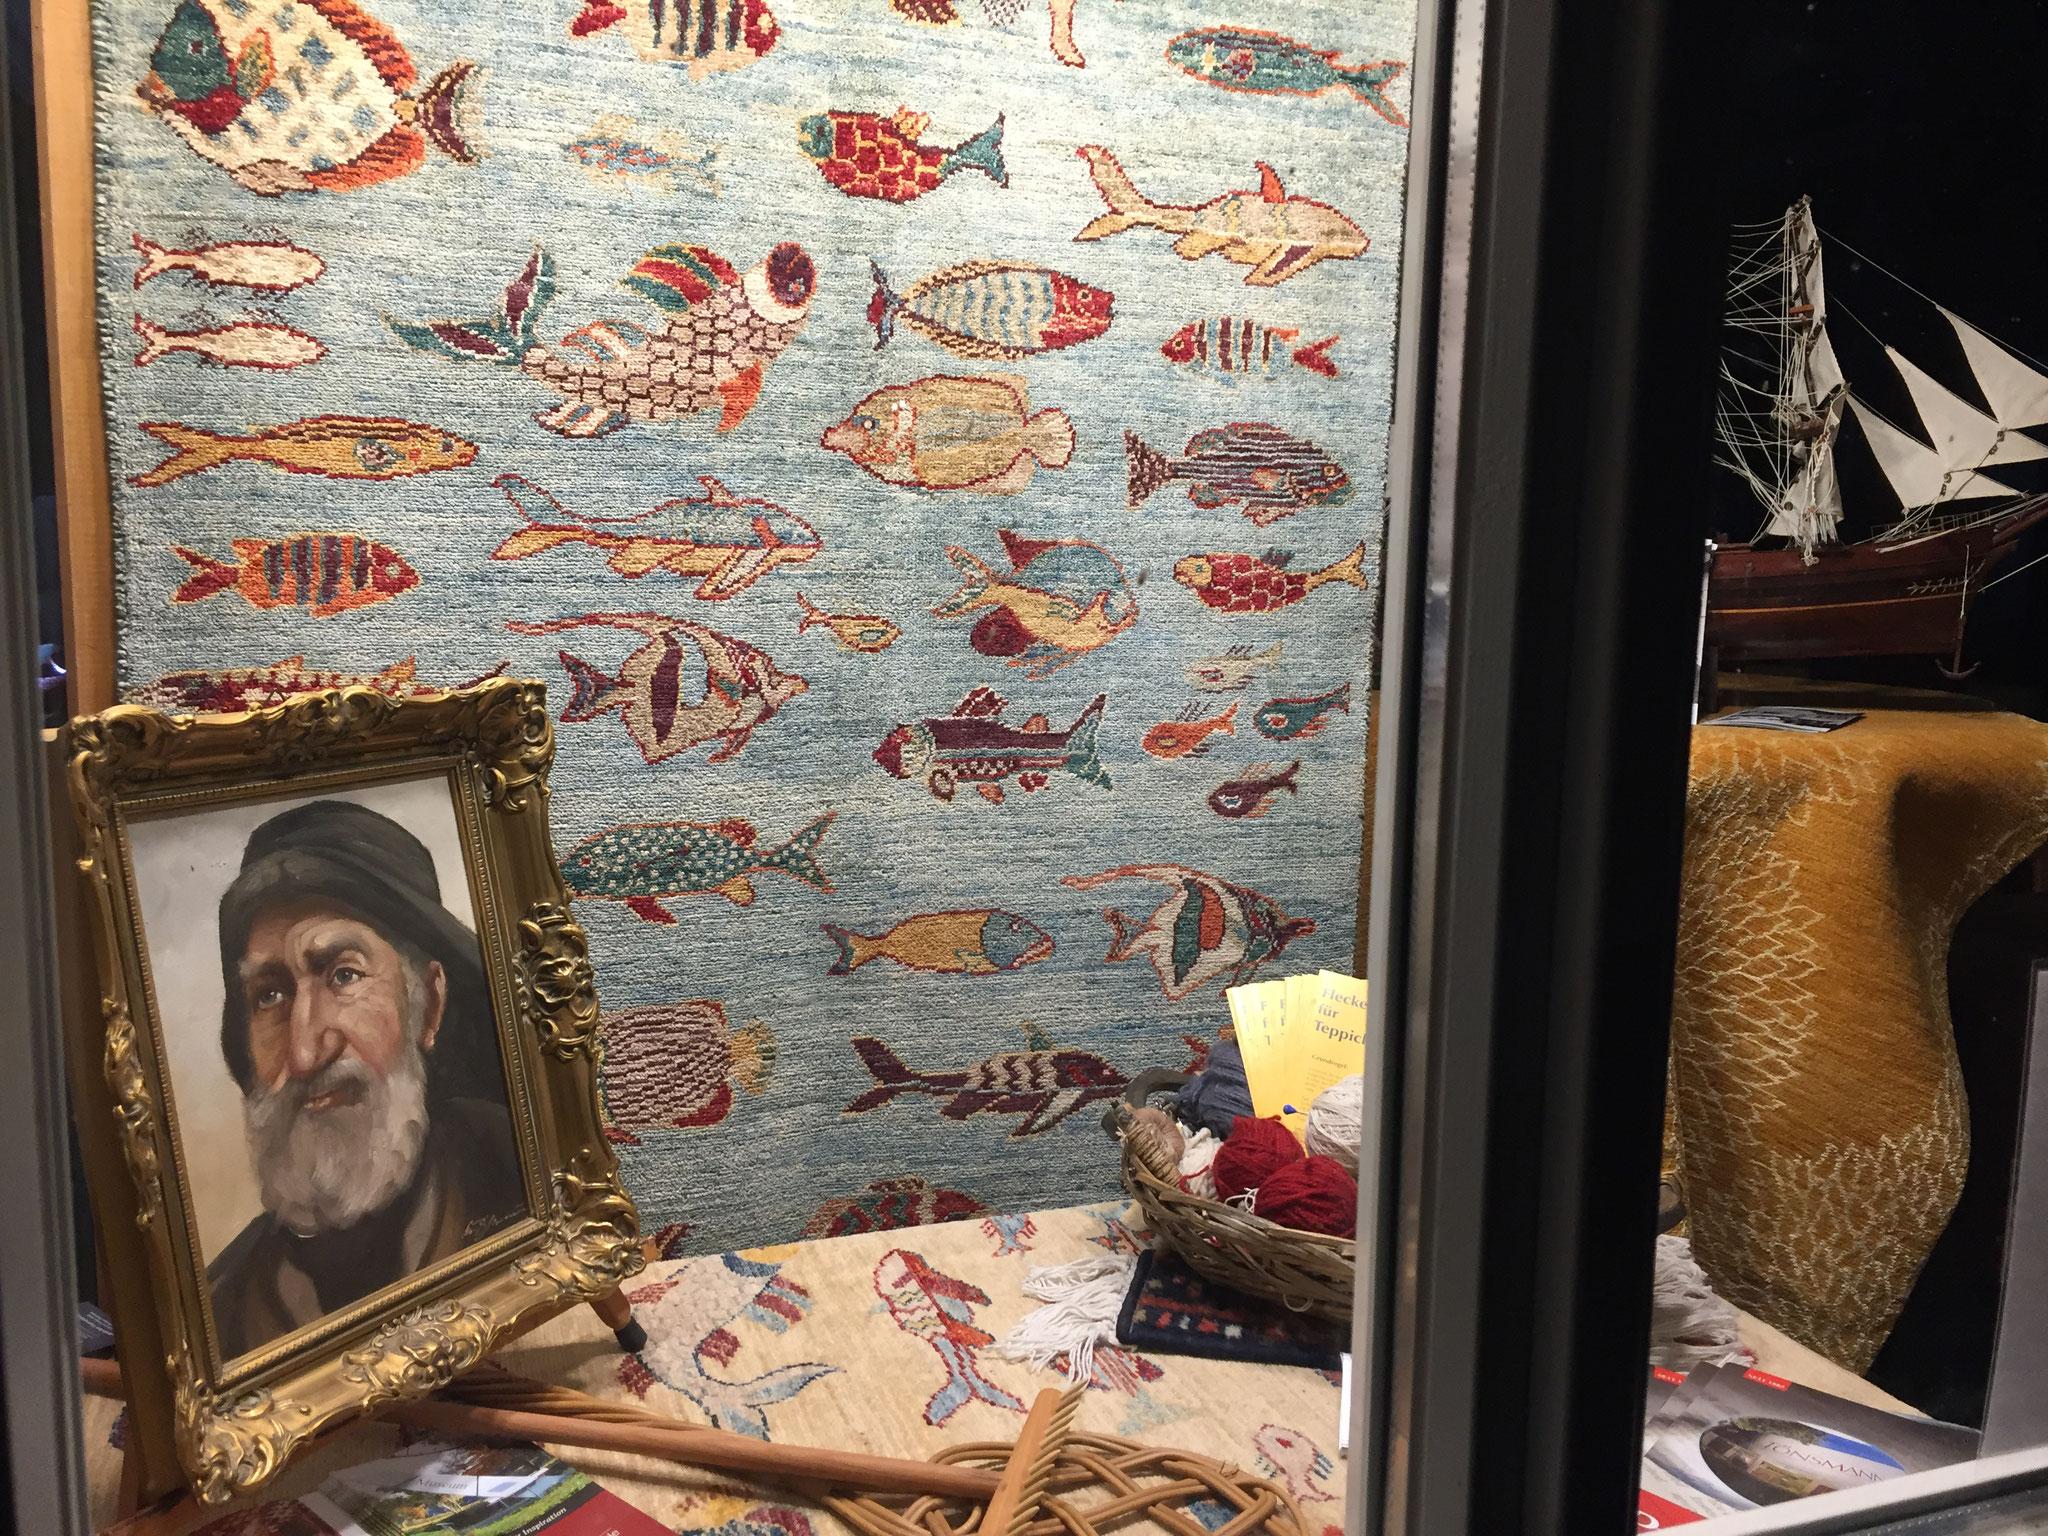 Blick in ein maritimes Dorfhausfenster mit goldgerahmtem Ölbild eines Fischers und Teppichen mit Fisch-Muster